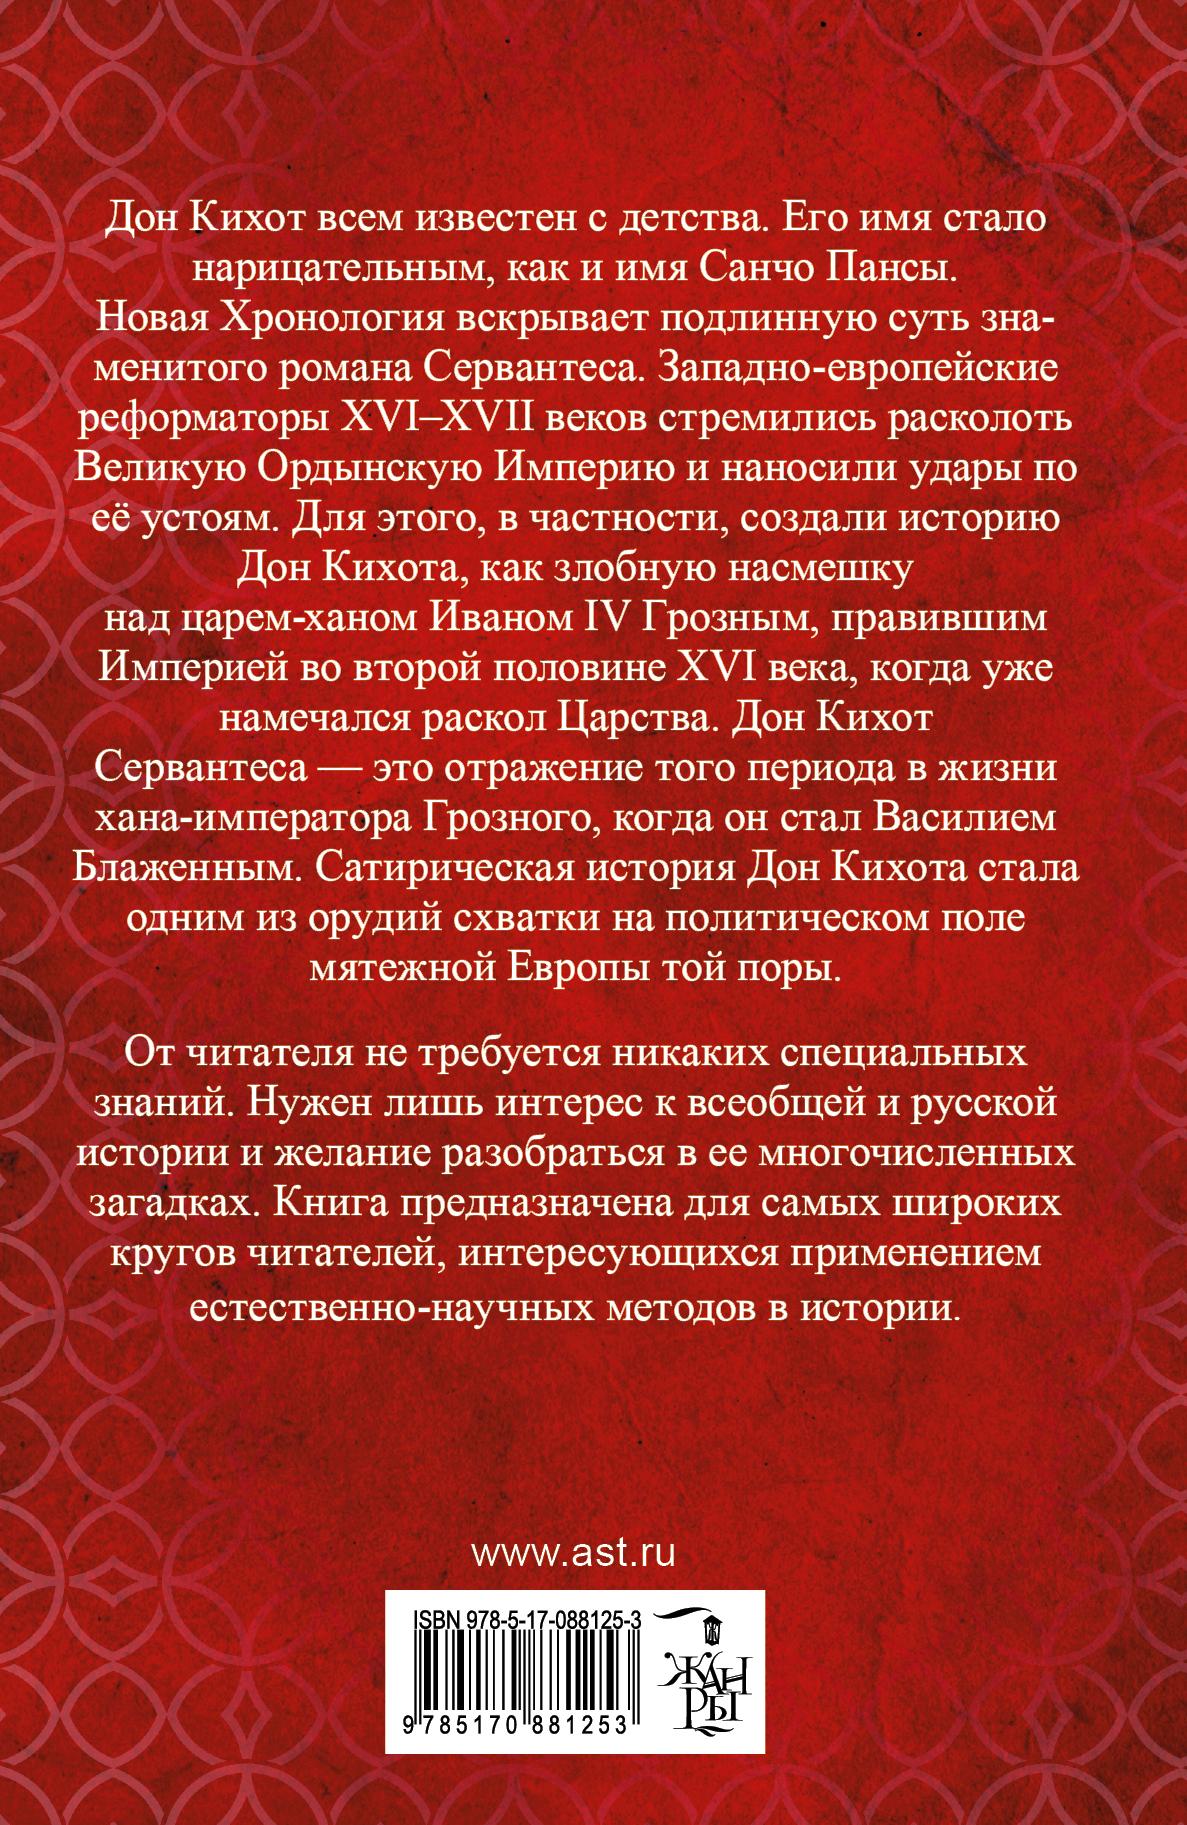 ДОН КИХОТ ИЛИ ИВАН ГРОЗНЫЙ СКАЧАТЬ БЕСПЛАТНО